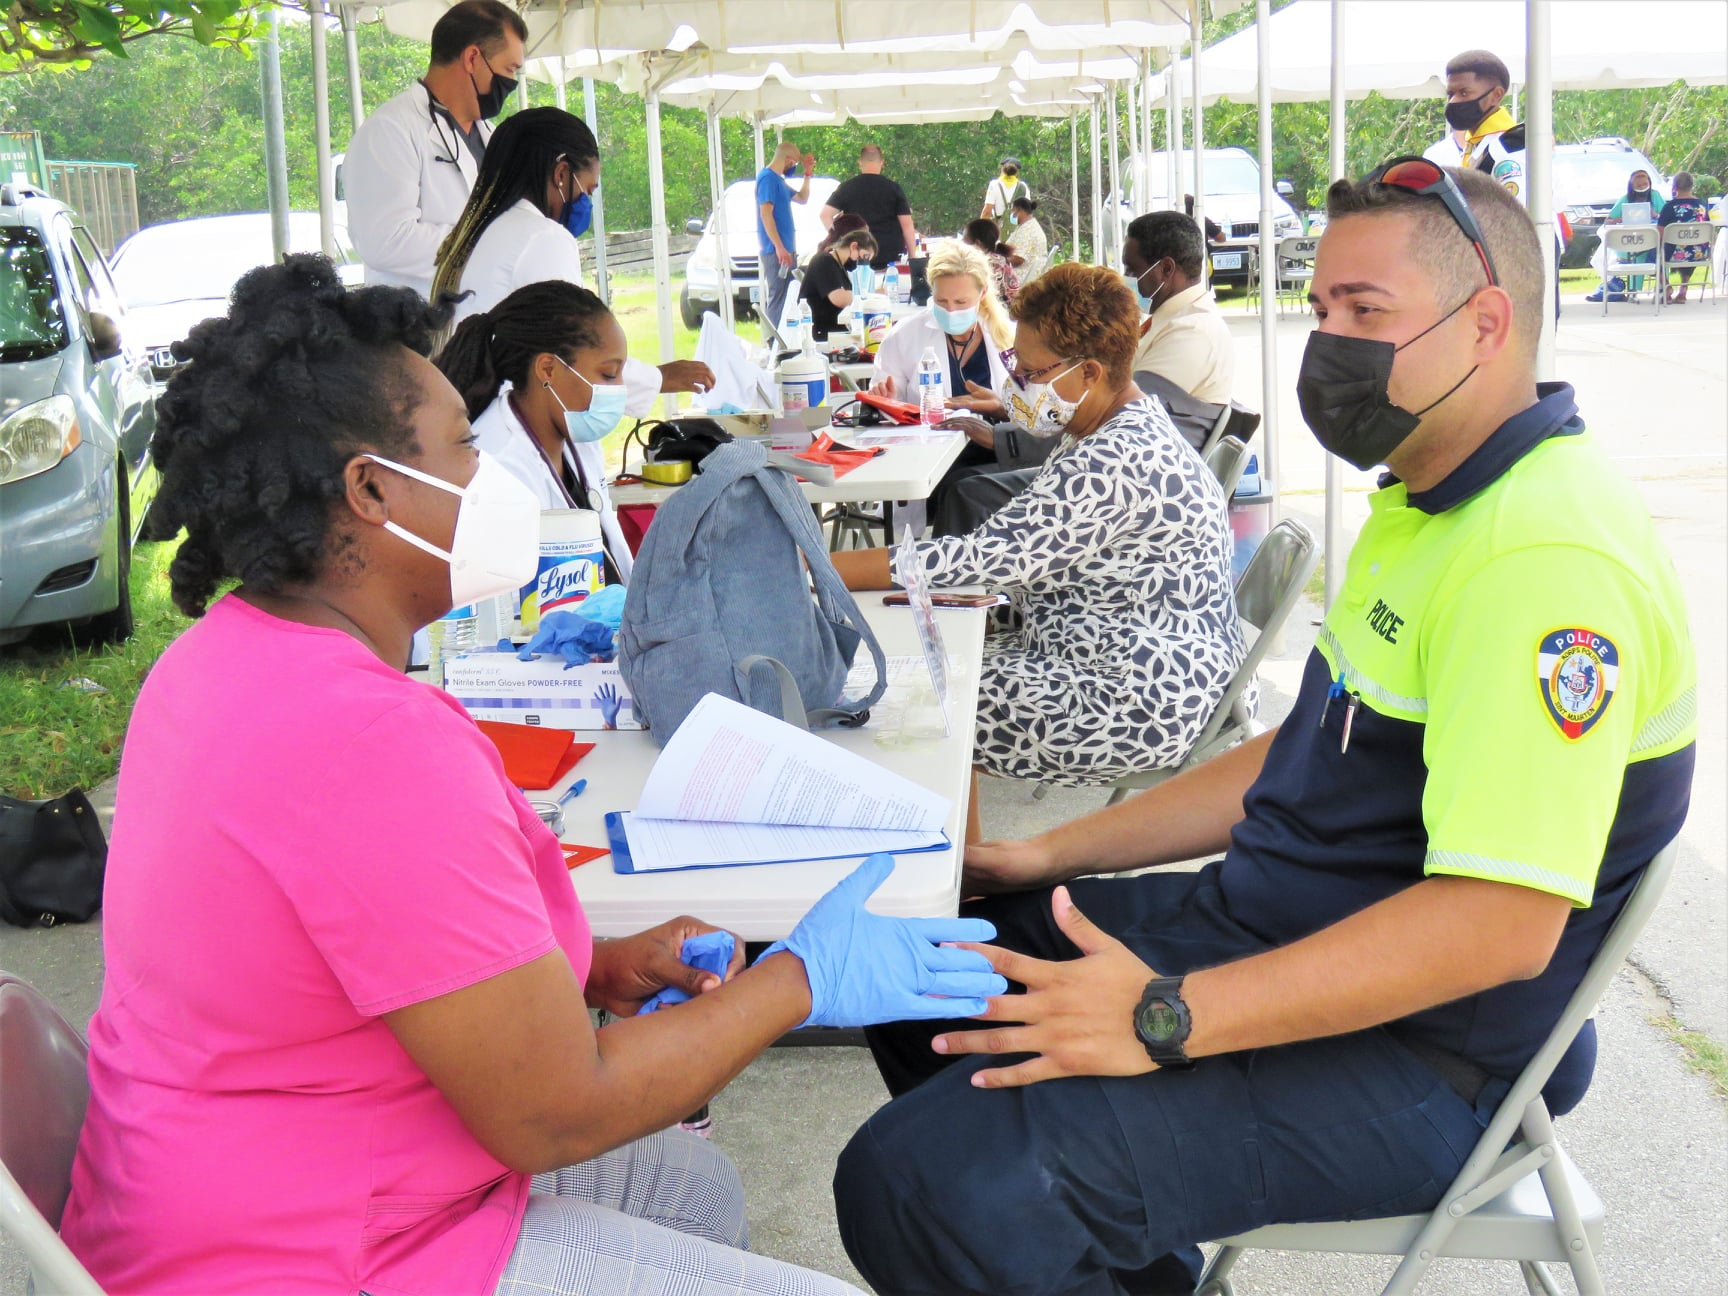 SDA Church and AUC Unite for a Healthier Sint Maarten